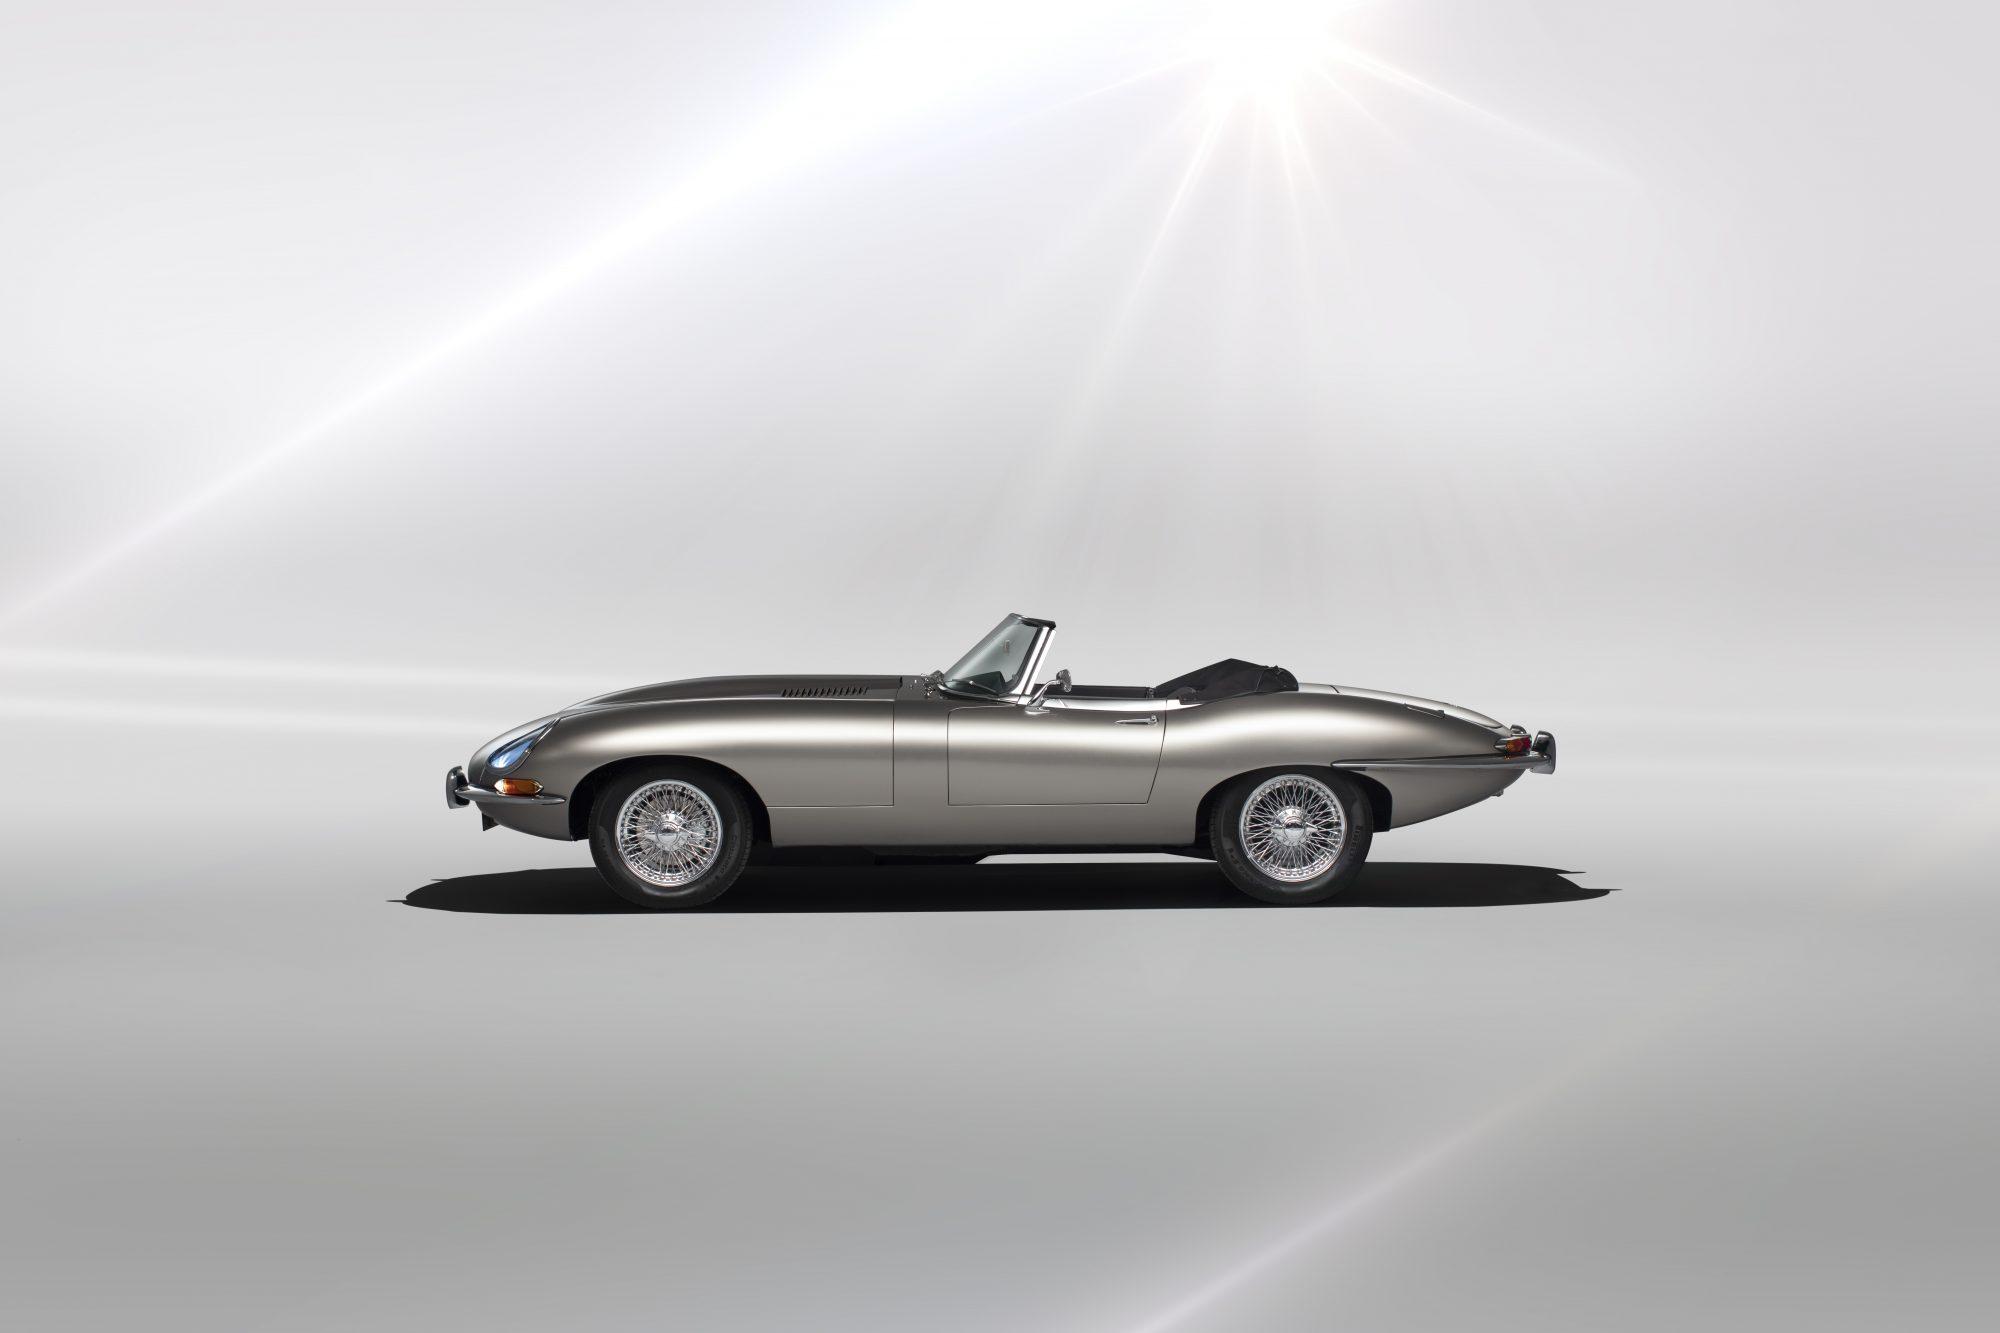 jaguar e type zero das sch nste elektroauto der welt. Black Bedroom Furniture Sets. Home Design Ideas